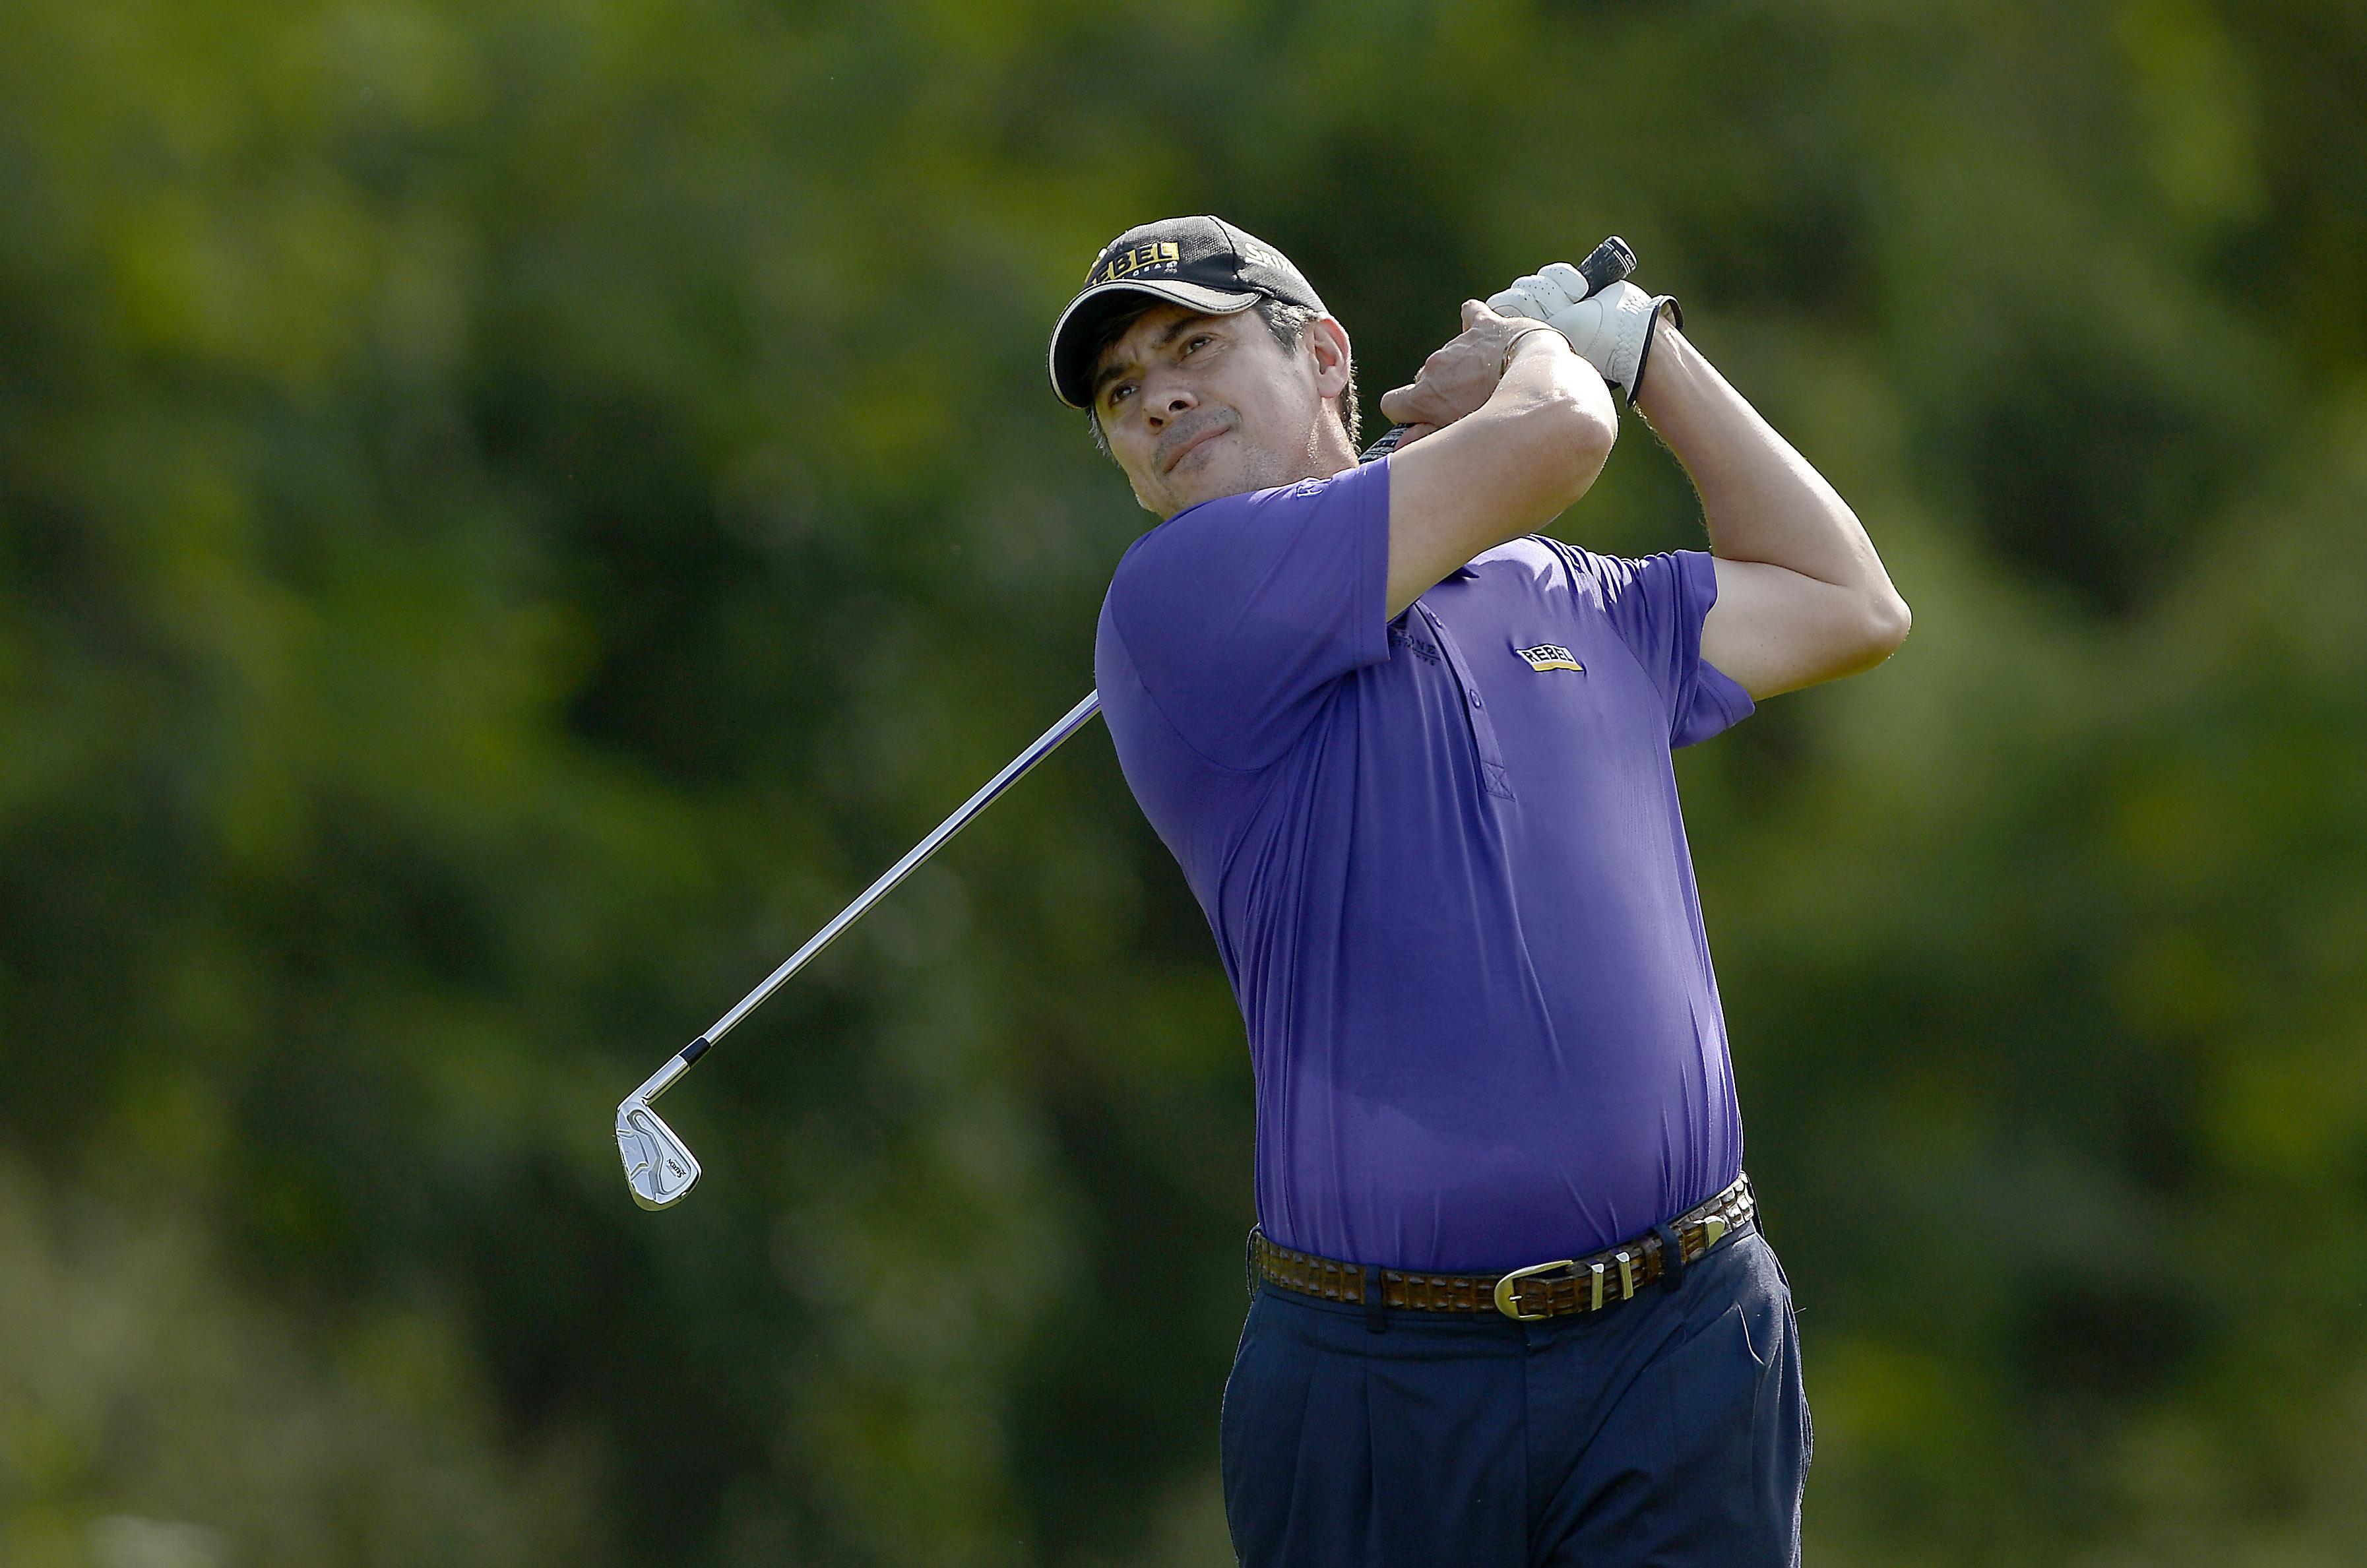 Adilson da Silva fica em oitavo em etapa do Sunshine Tour e pontua para os Rankings Olímpico e Mundial